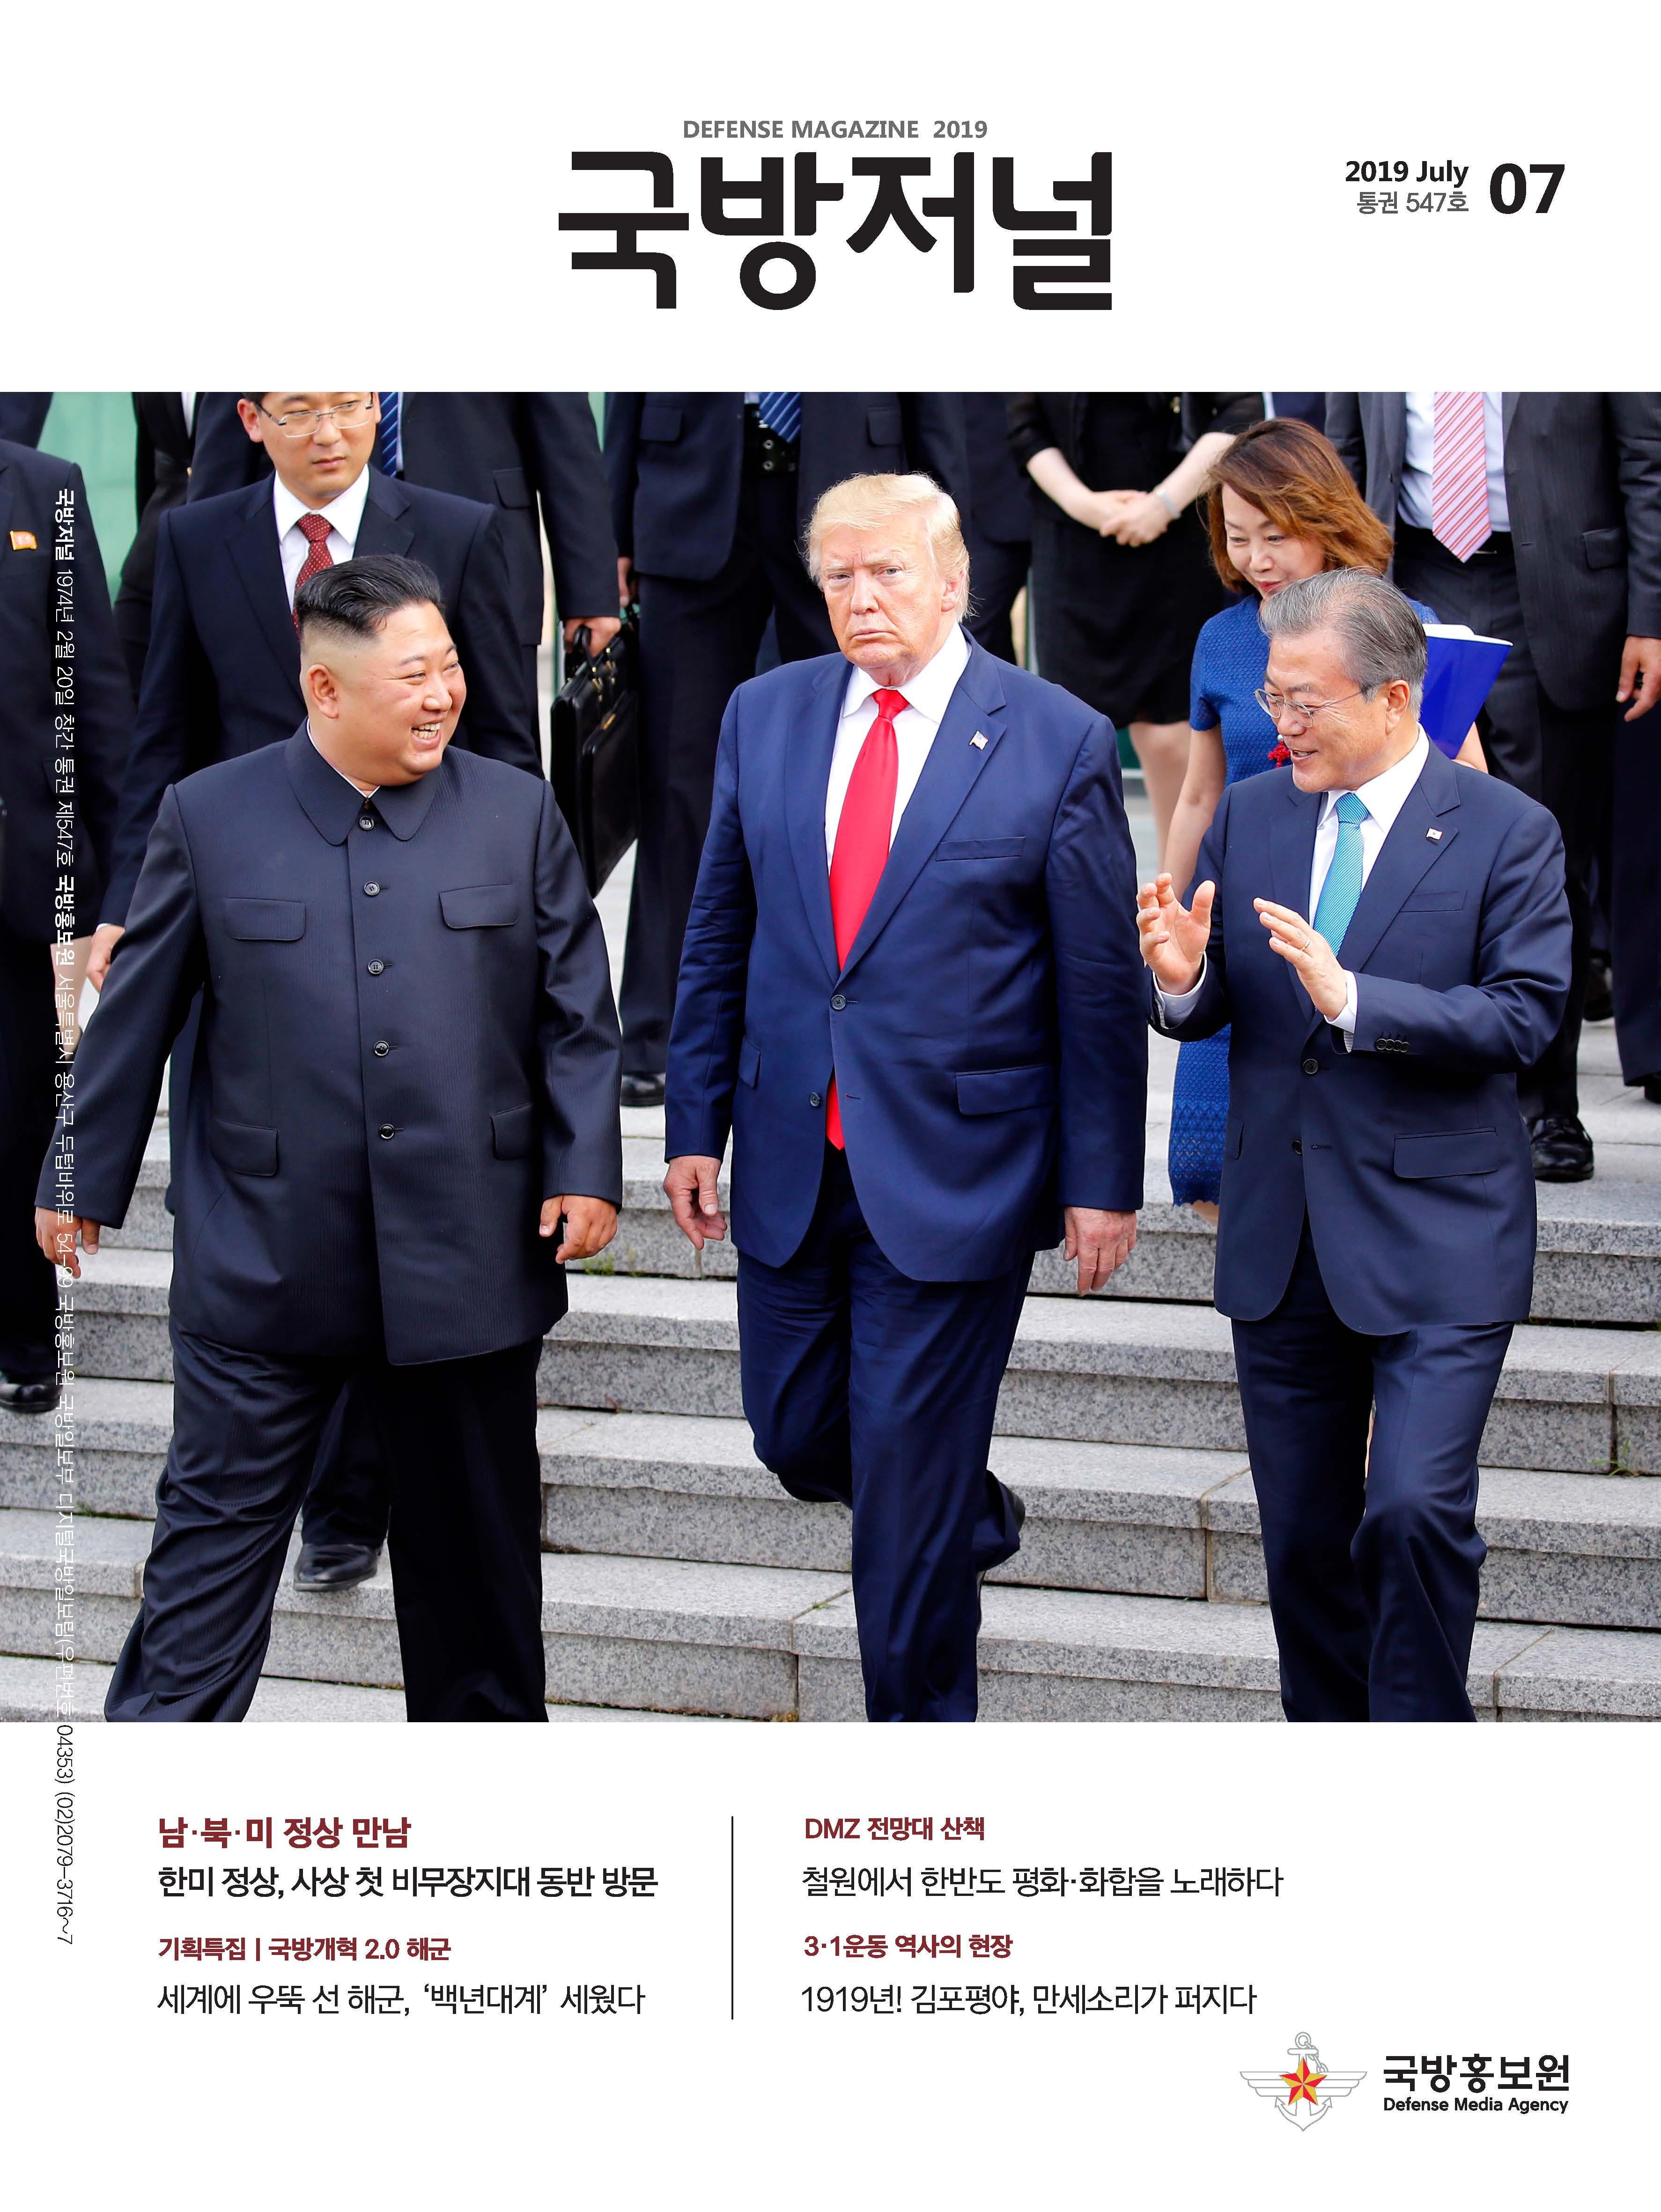 국방저널 2019년 7월호